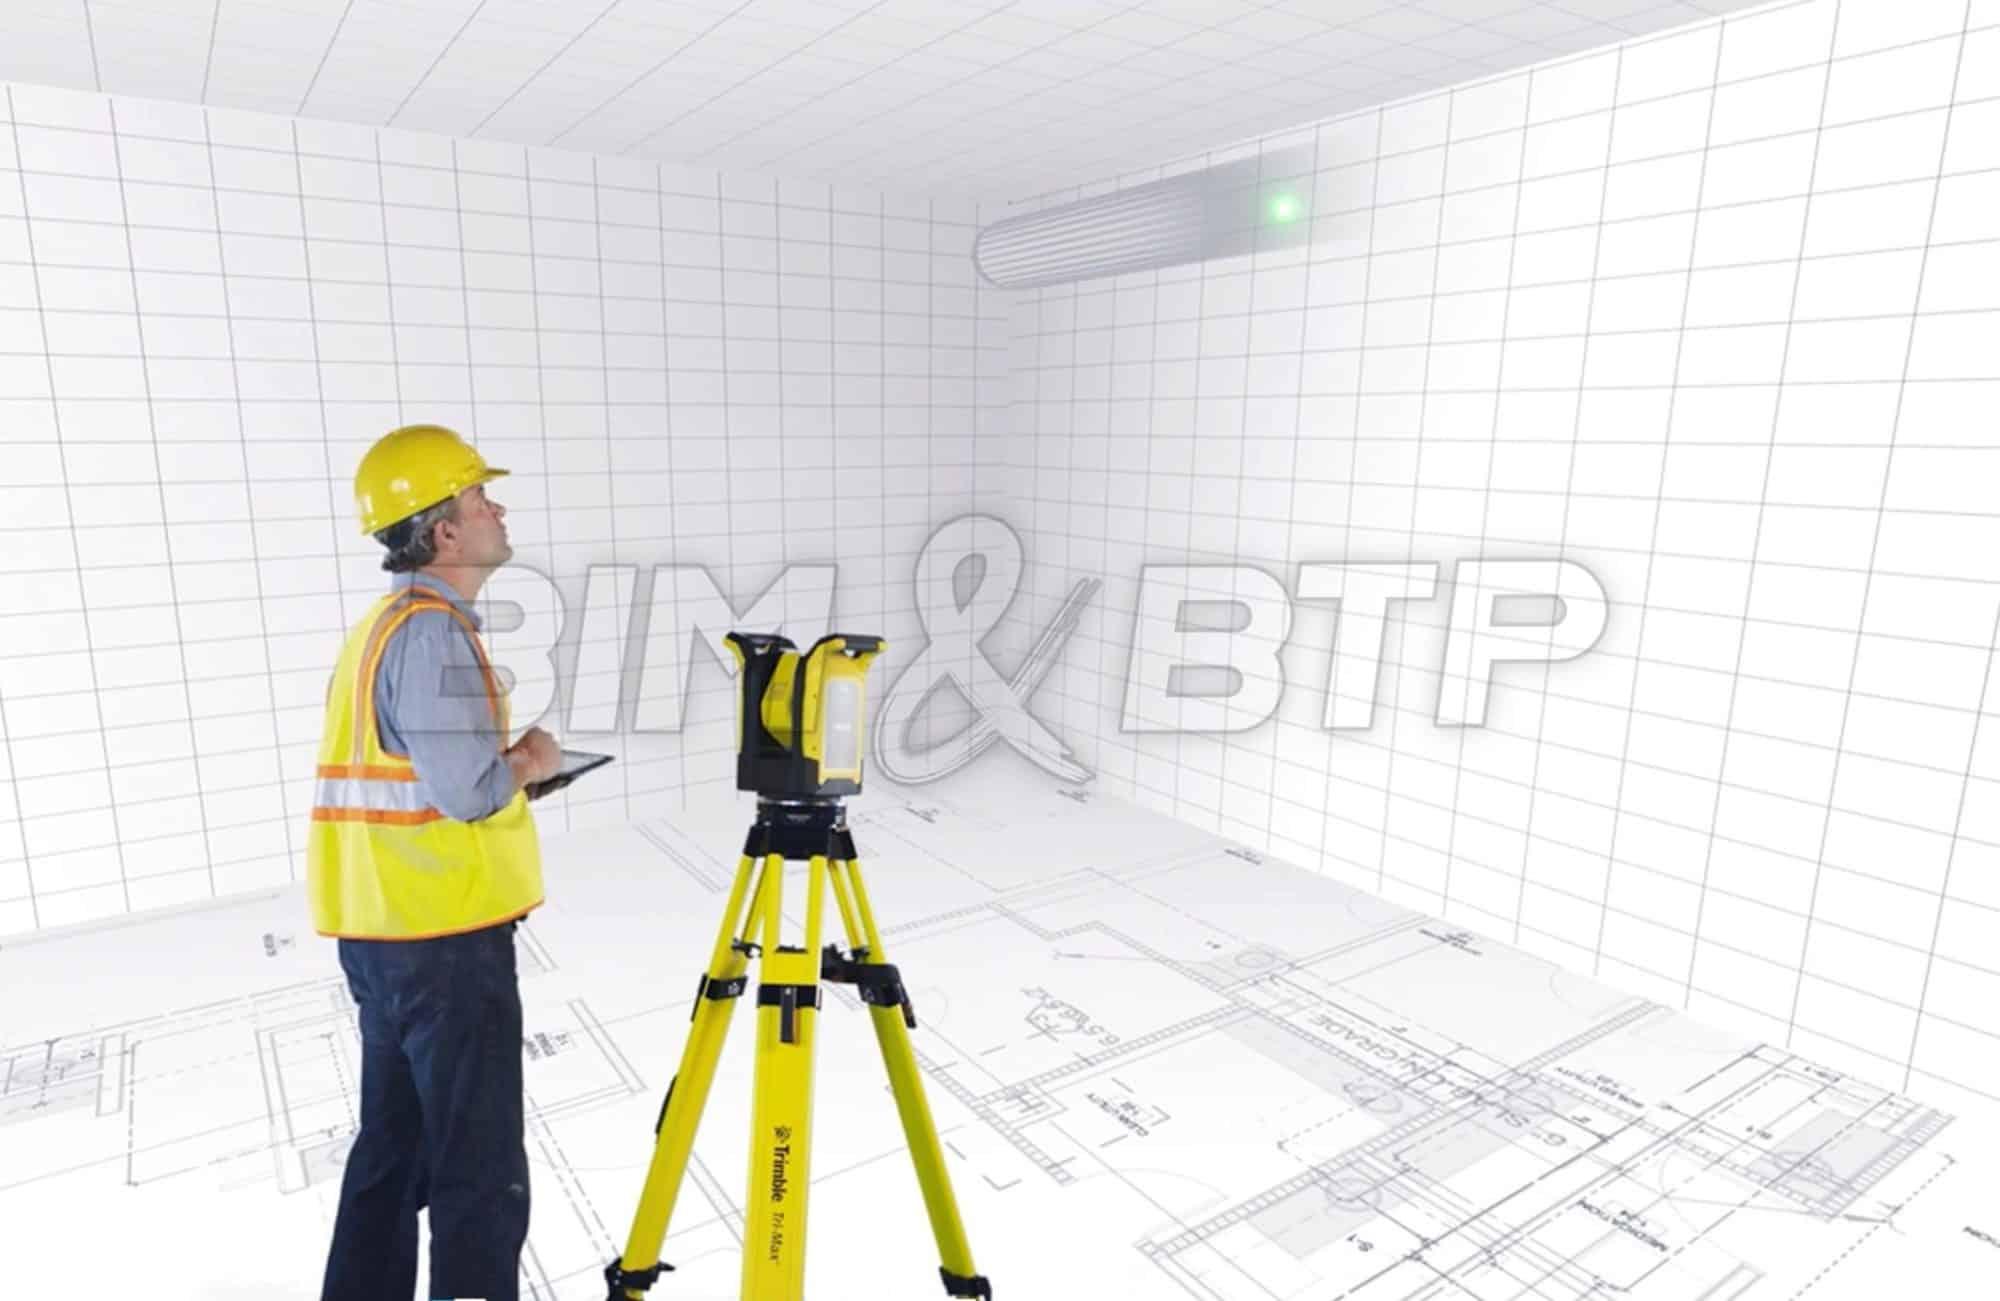 Implanter un ouvrage grâce à un pointeur laser géopositionné